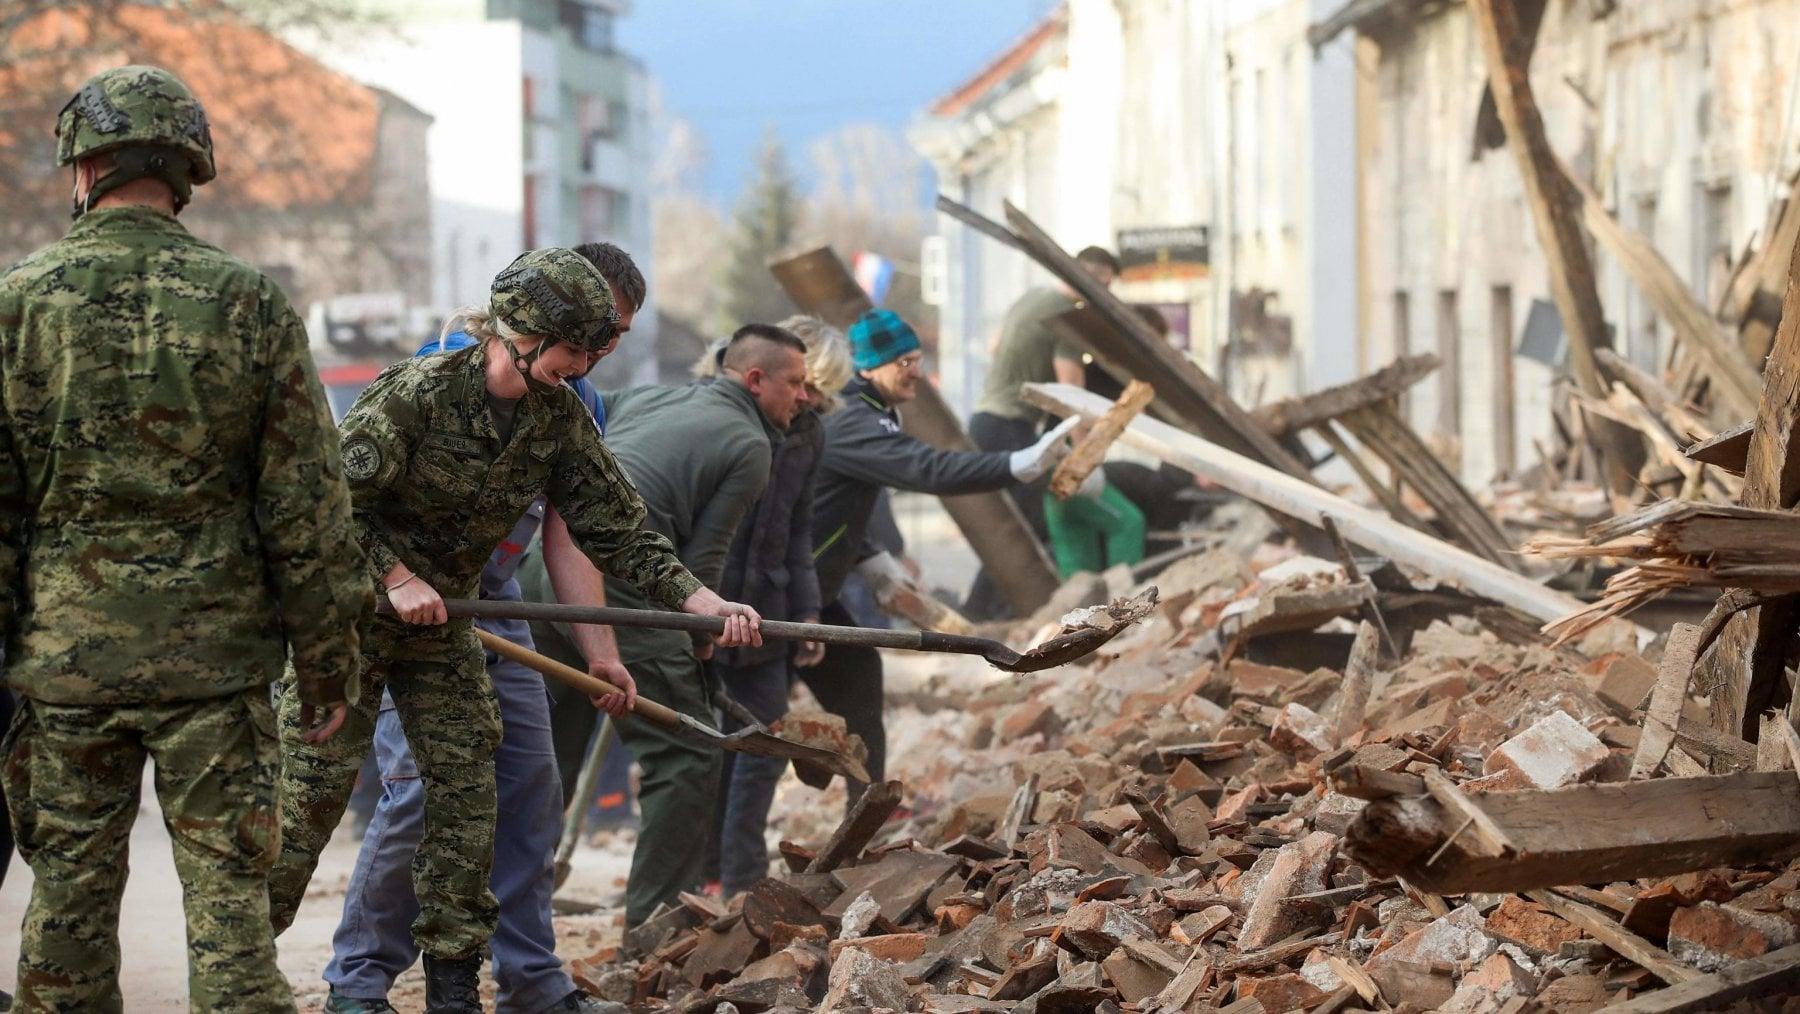 223304137 ece41b70 e9b6 4357 b19b 6a9f893b6941 - Croazia, nuova forte scossa di terremoto nella zona di Petrinja: magnitudo 5.0